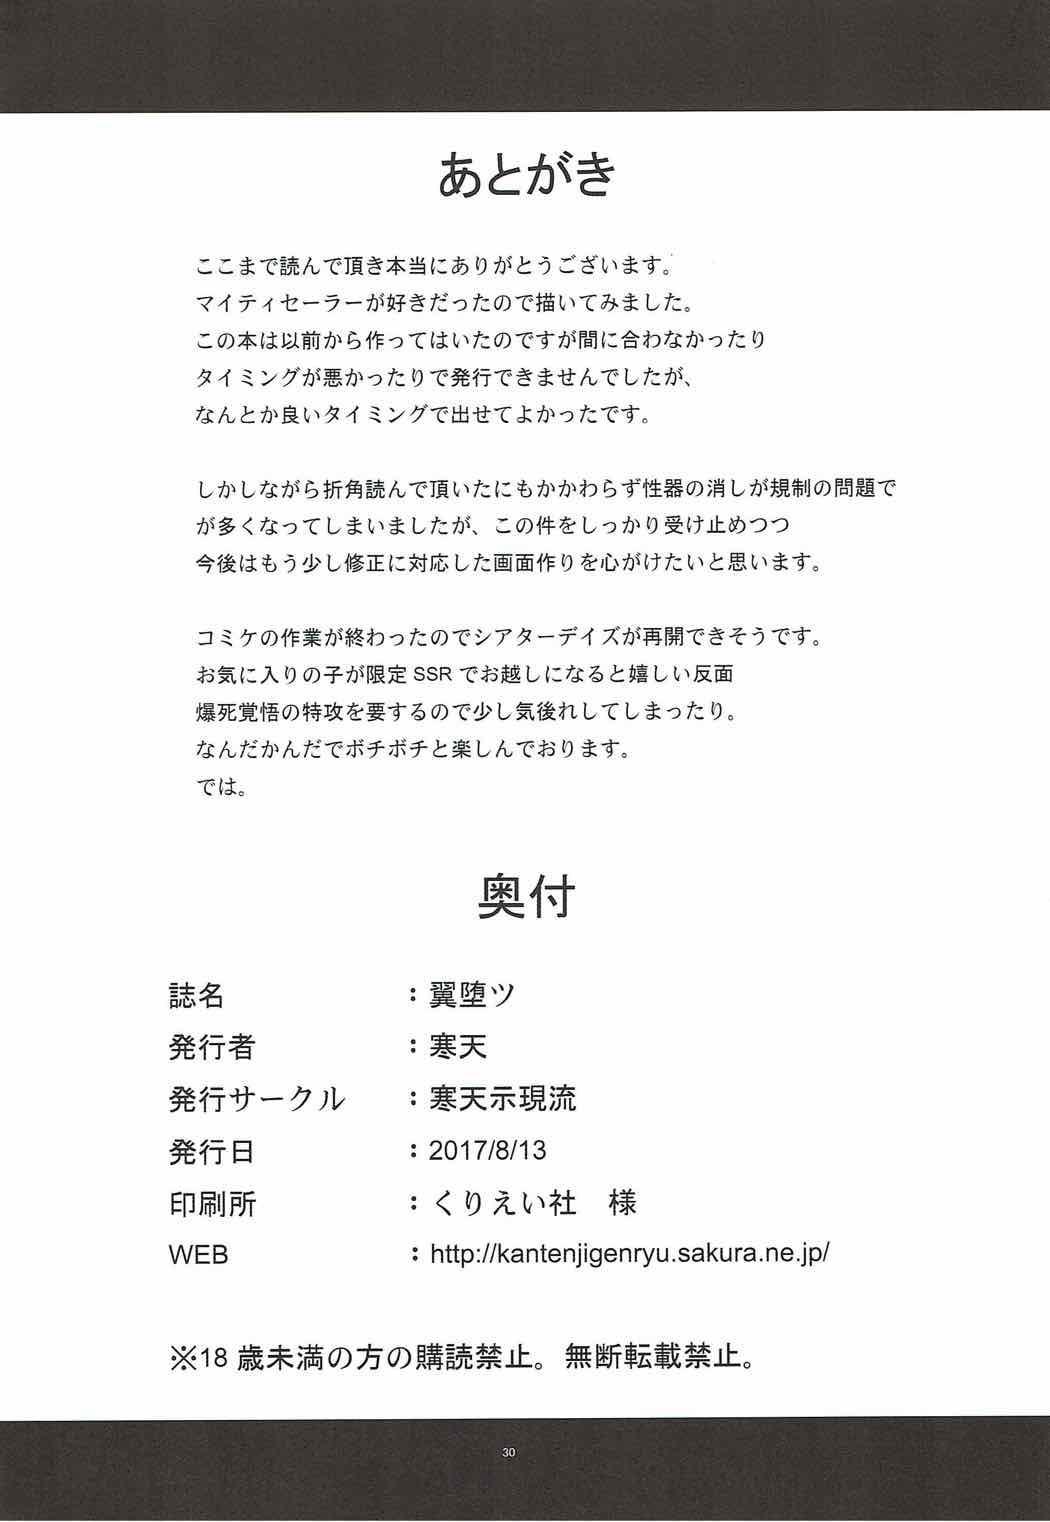 Tsubasa Otsu 27